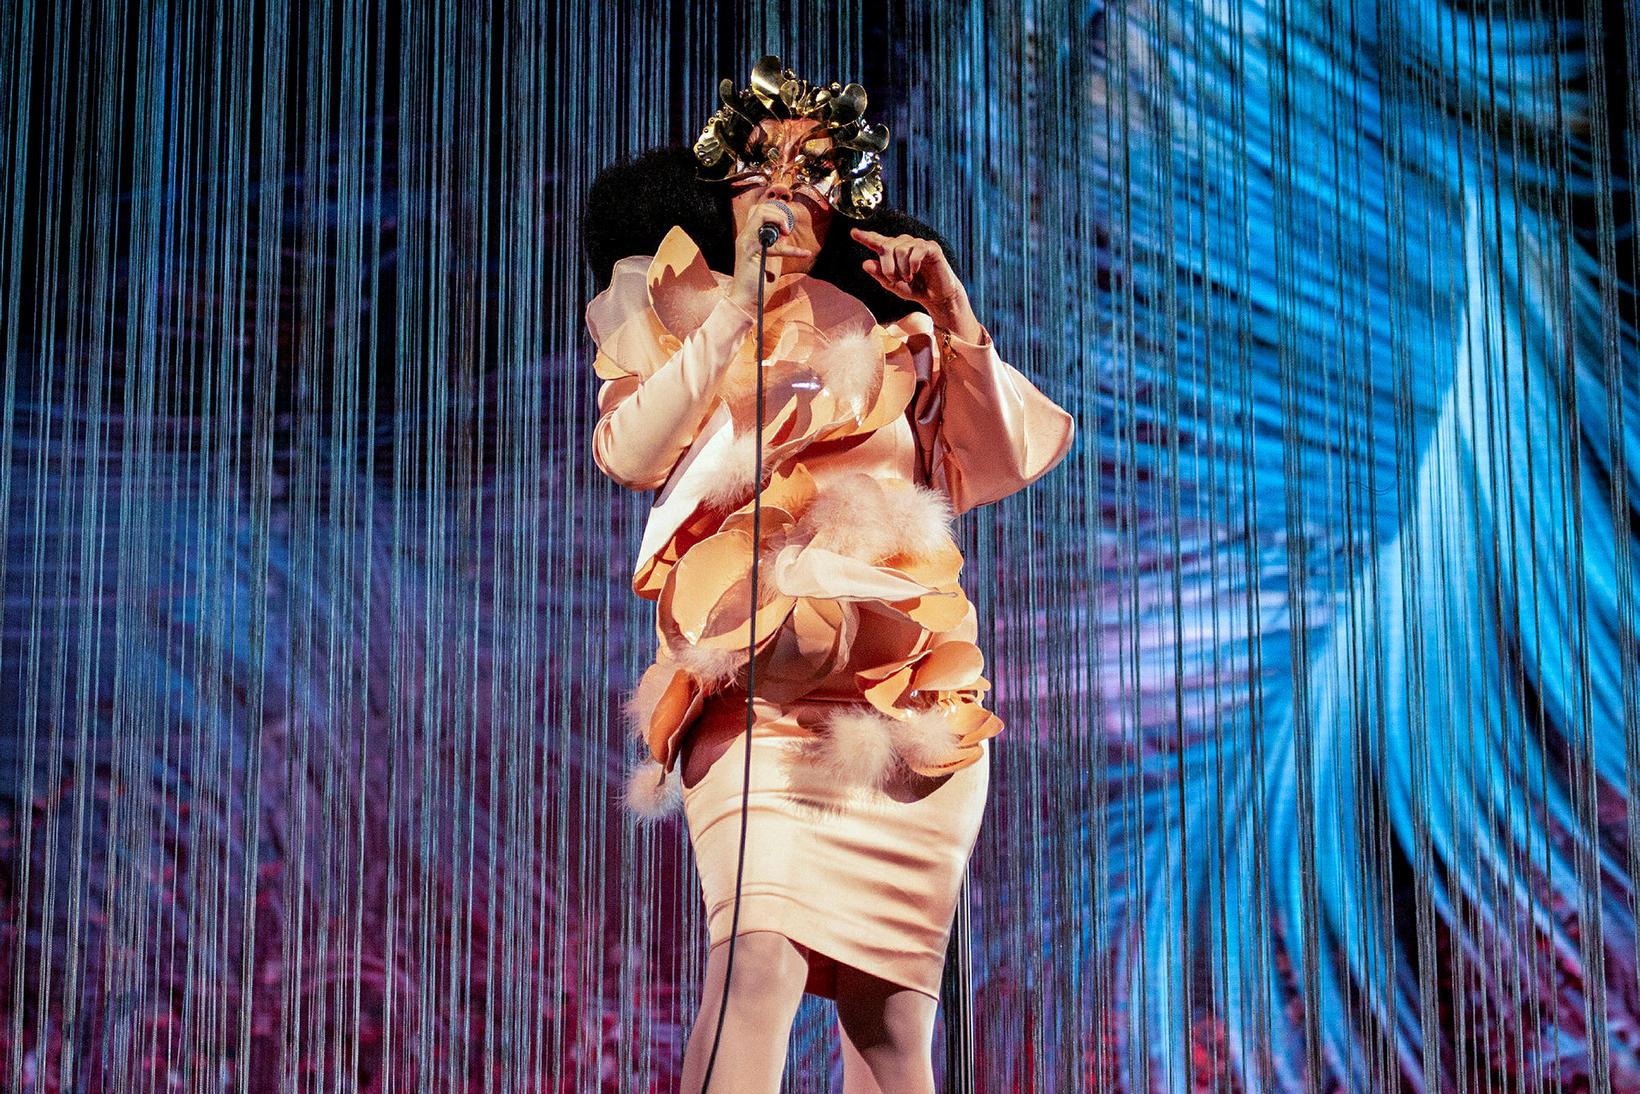 Grímuklædd Björk Guðmundsdóttir.